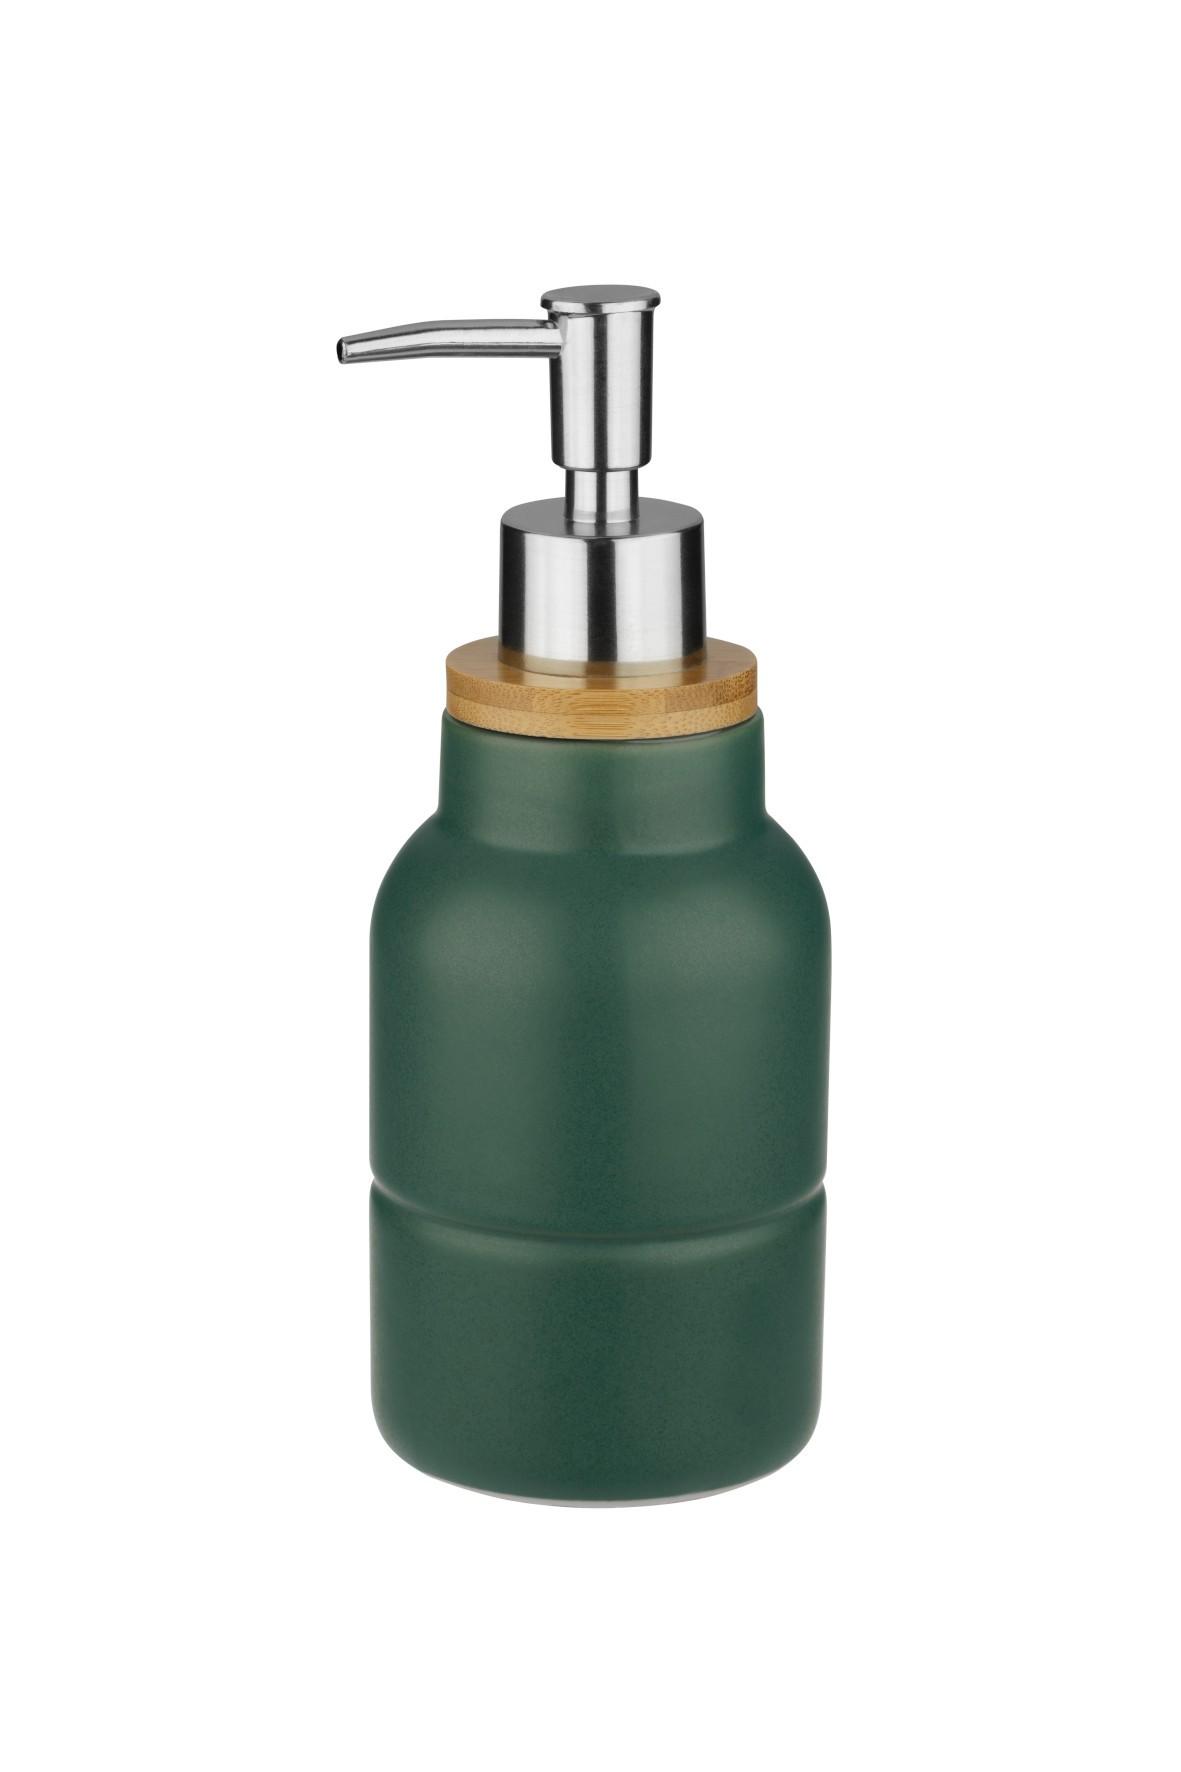 Dozownik na mydło estelle - zielony